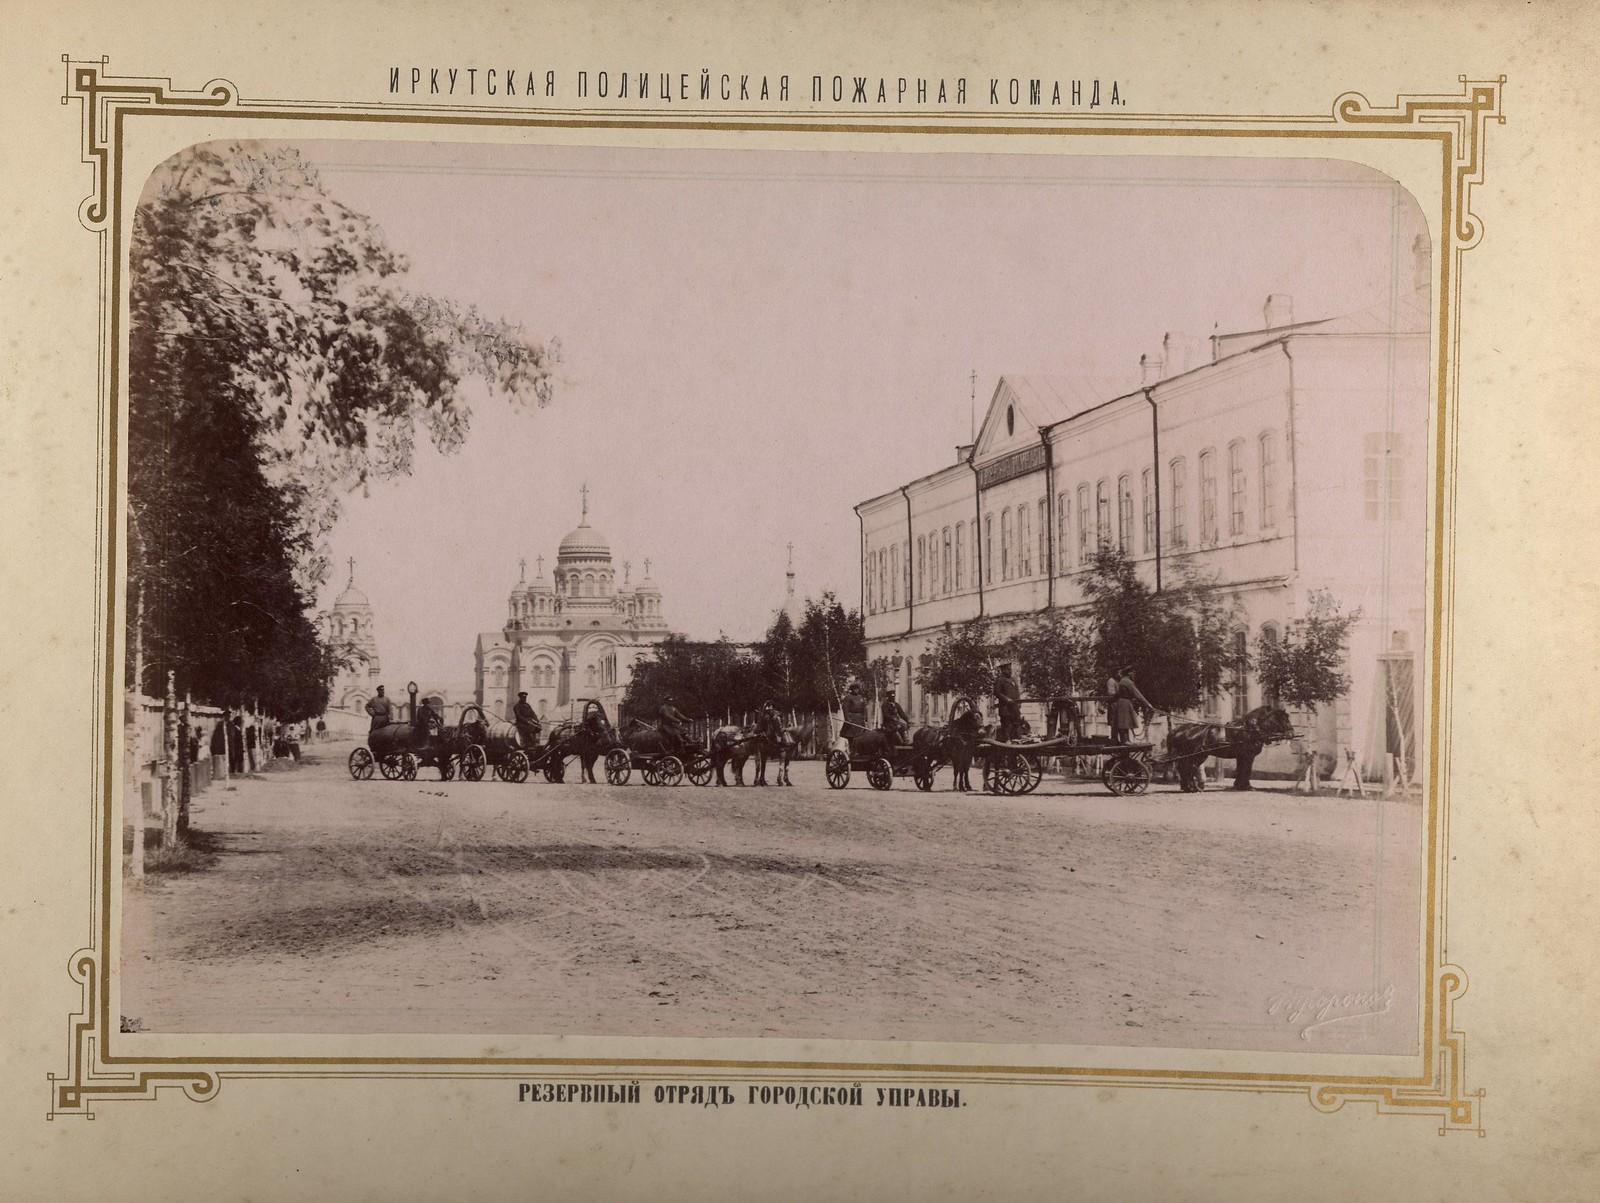 18. Резервный отряд городской управы